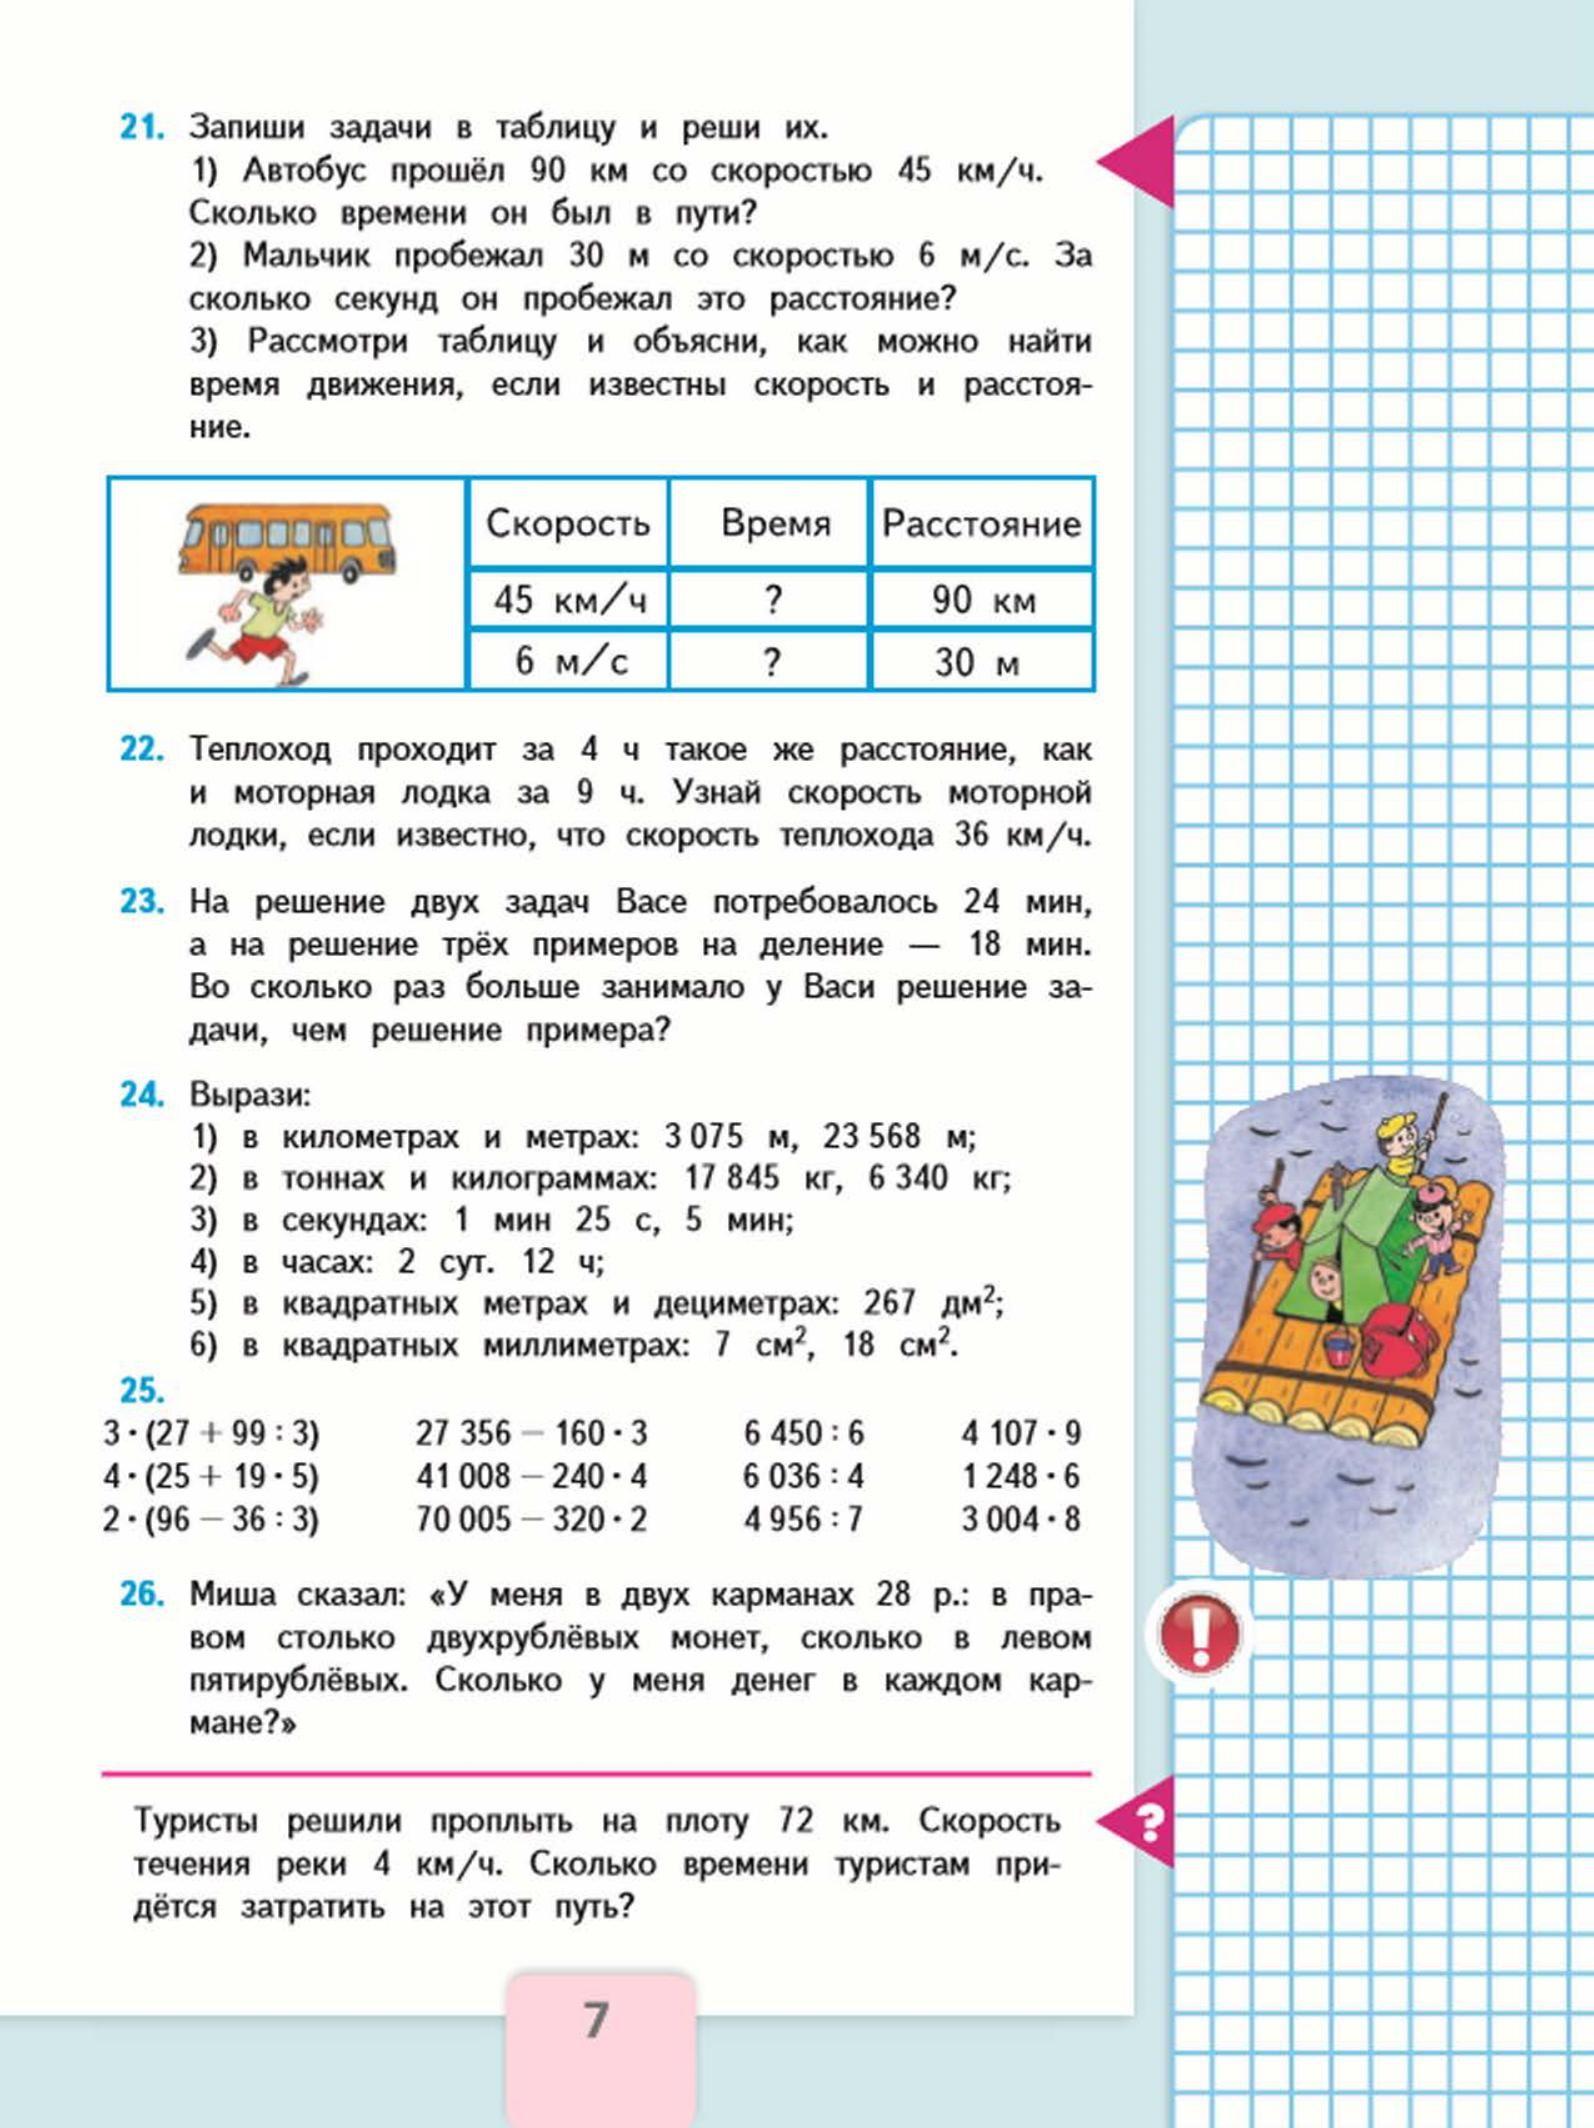 Учебник информатики 4 класс горячев упр 19 часть 1 страница